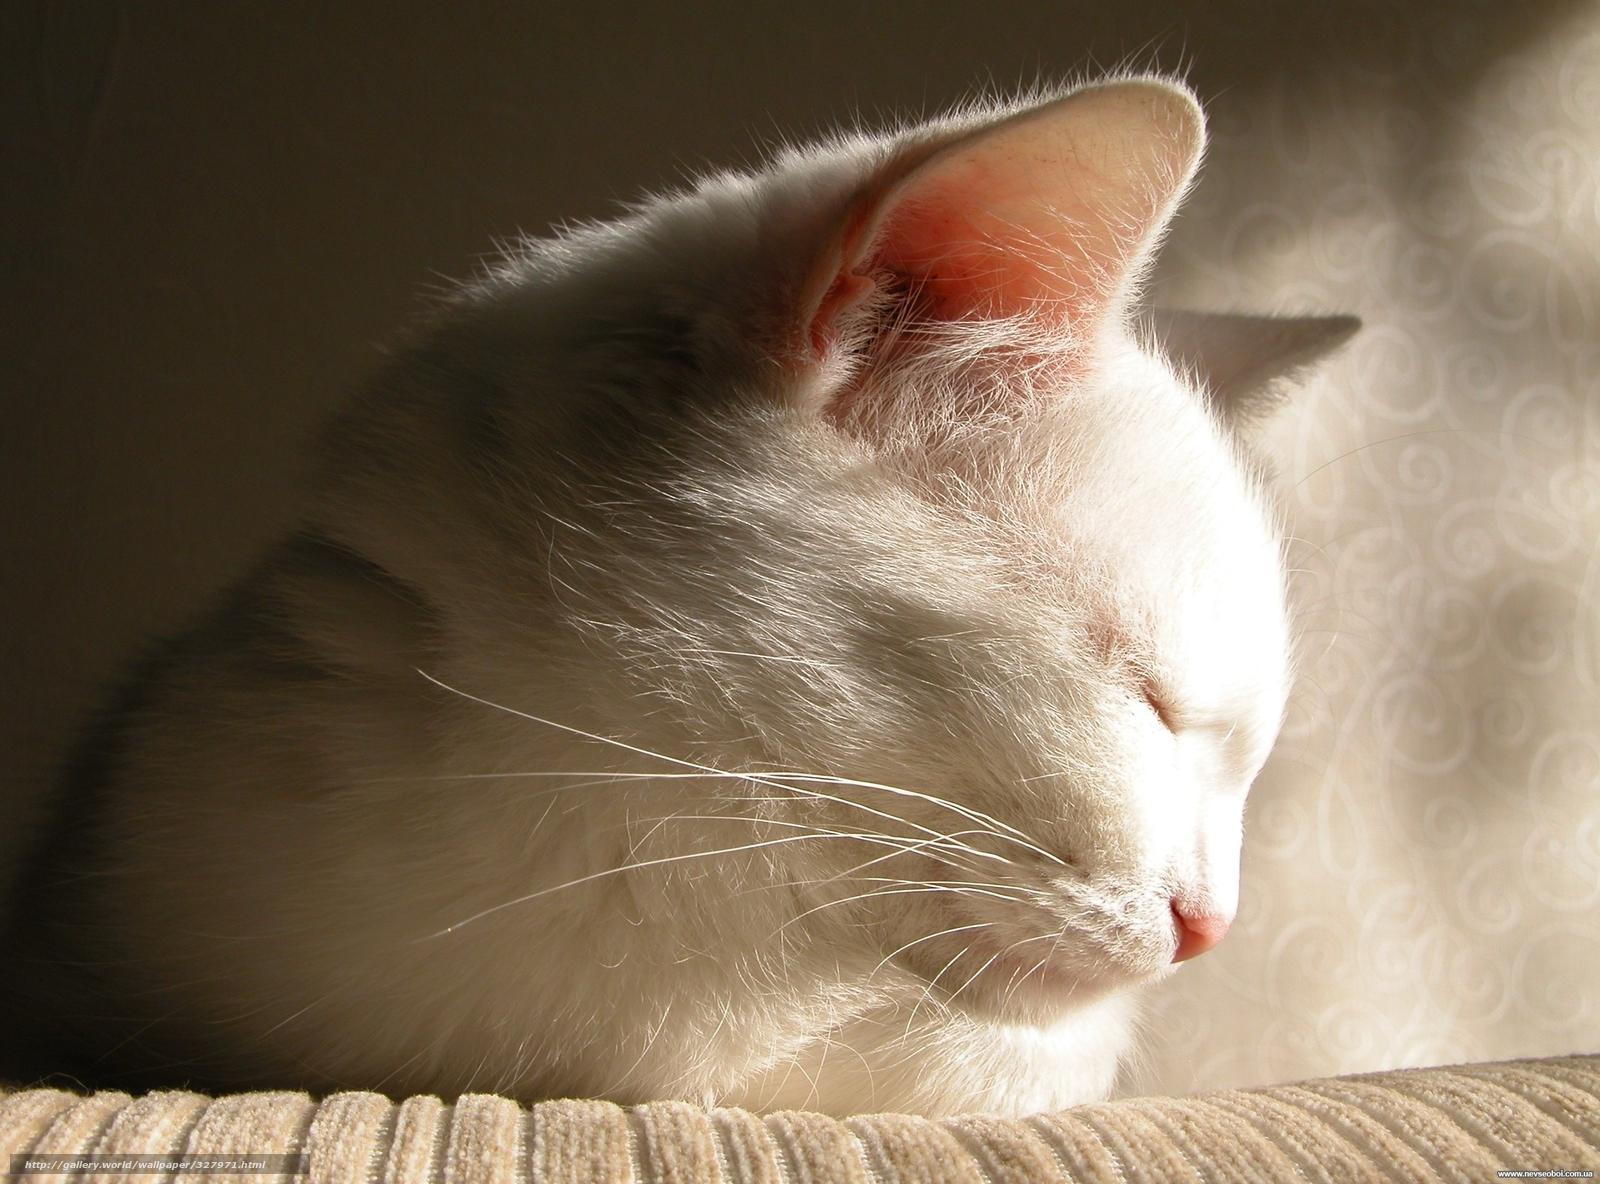 Кот, белый, засыпает, прелесть, фото, обои, картинка #327971 - www